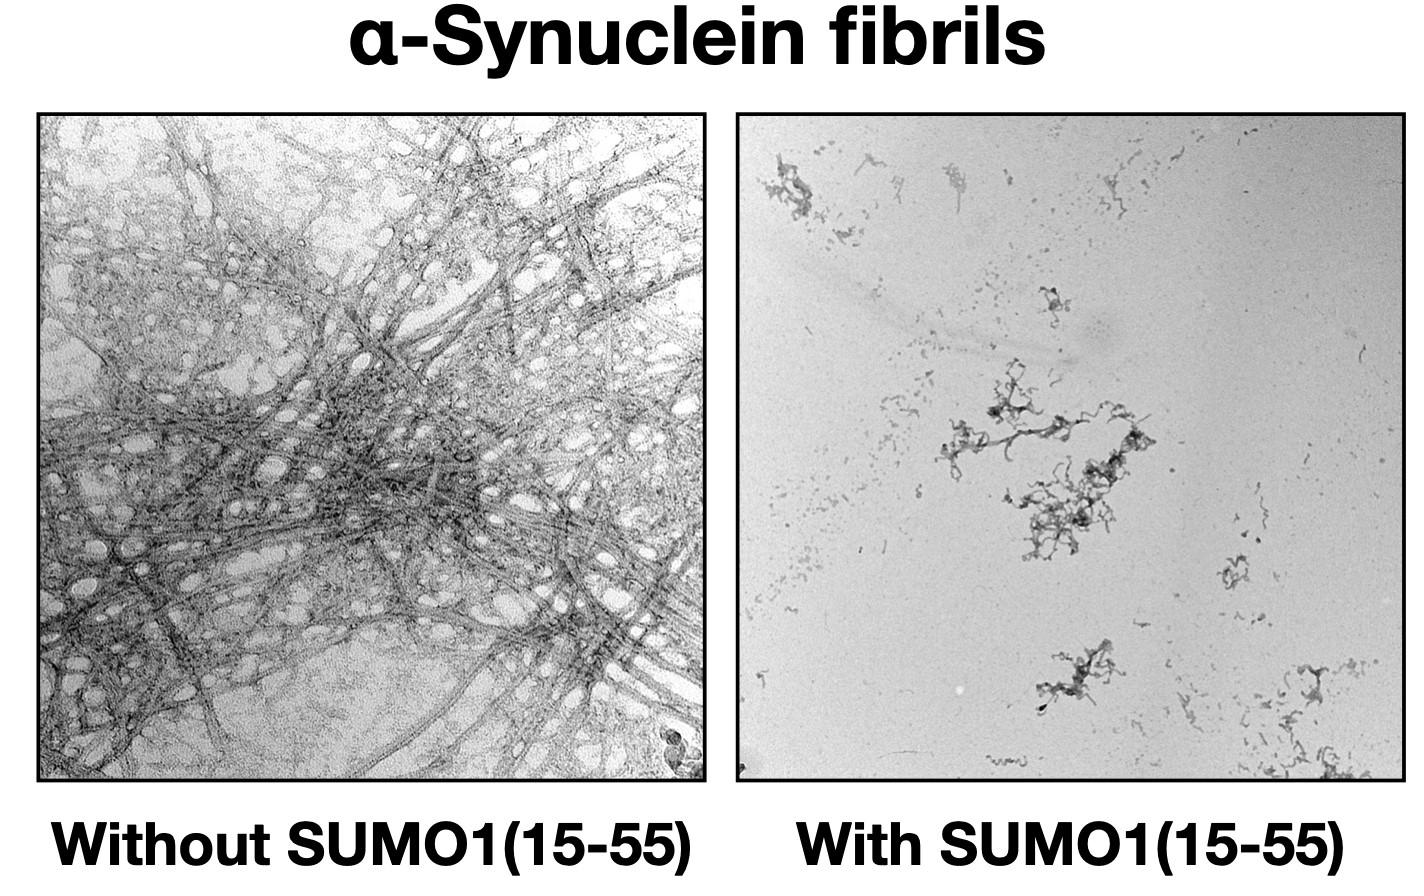 SUMO1(15-55) 在體外抑制α-突觸核蛋白原纖維的形成。